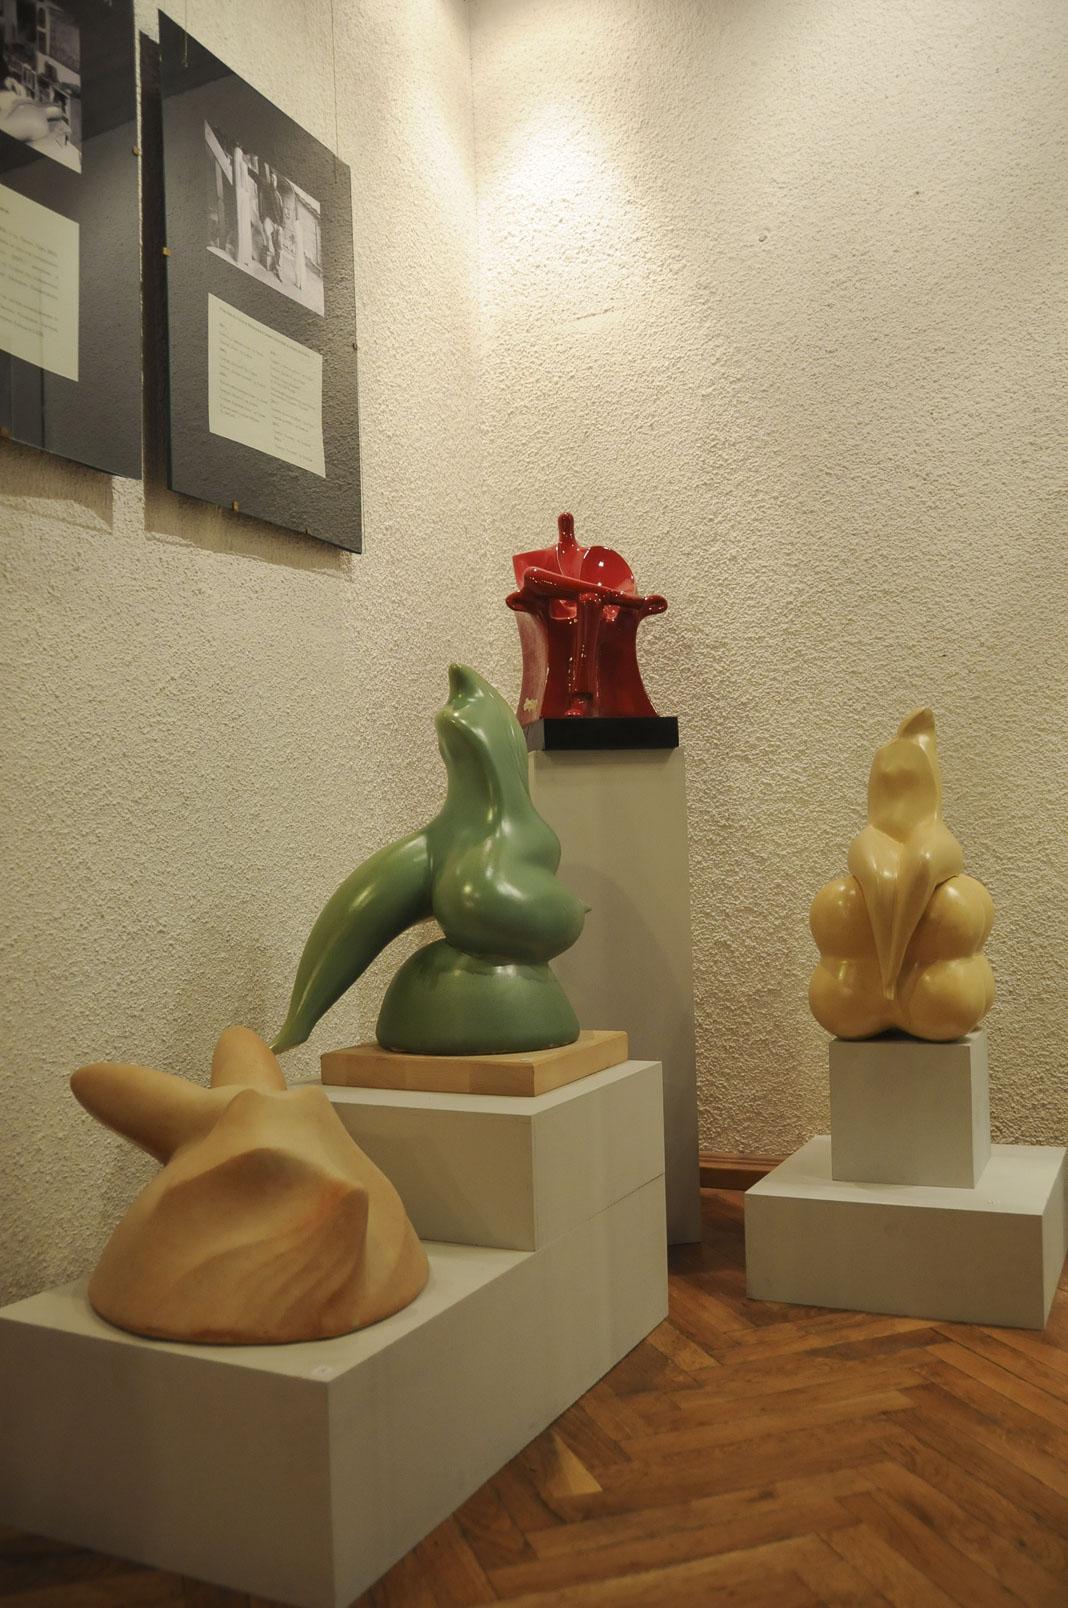 troyan-museum-georgi-mielnov-13